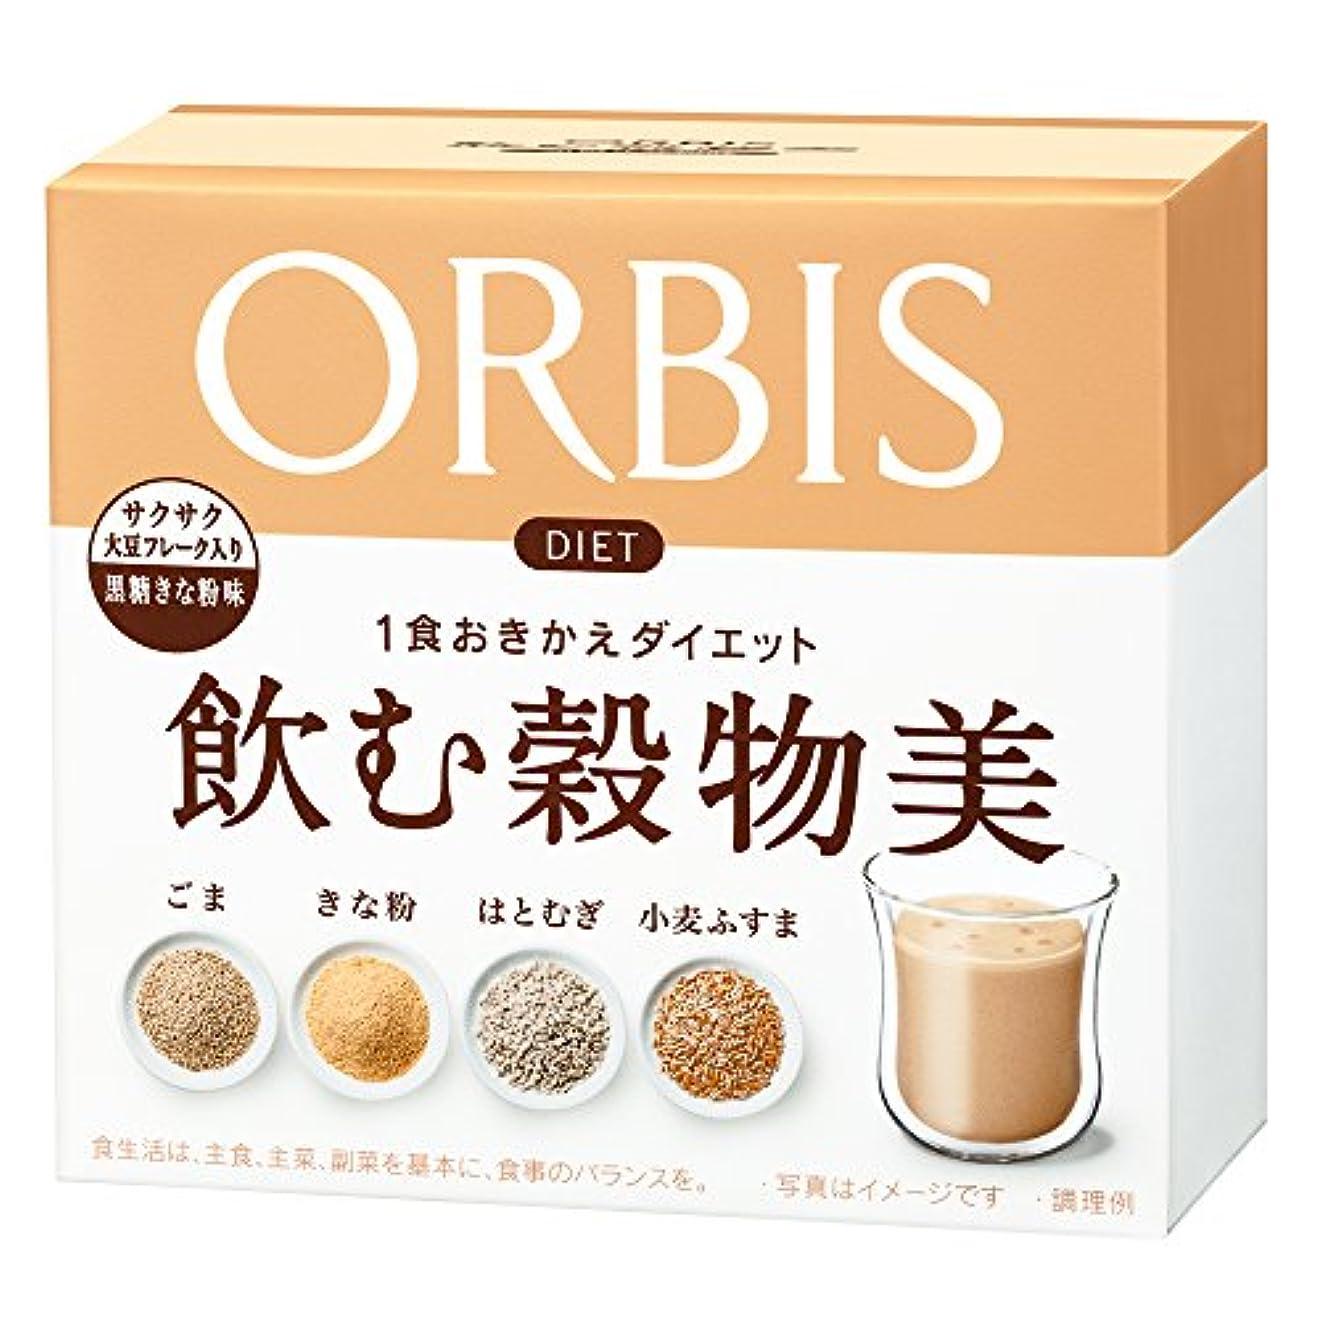 バレル盲目ポータブルオルビス(ORBIS) 飲む穀物美 黒糖きなこ味 7日分(25g×7袋) ◎雑穀ダイエットシェイク◎ 1食分約189kcal